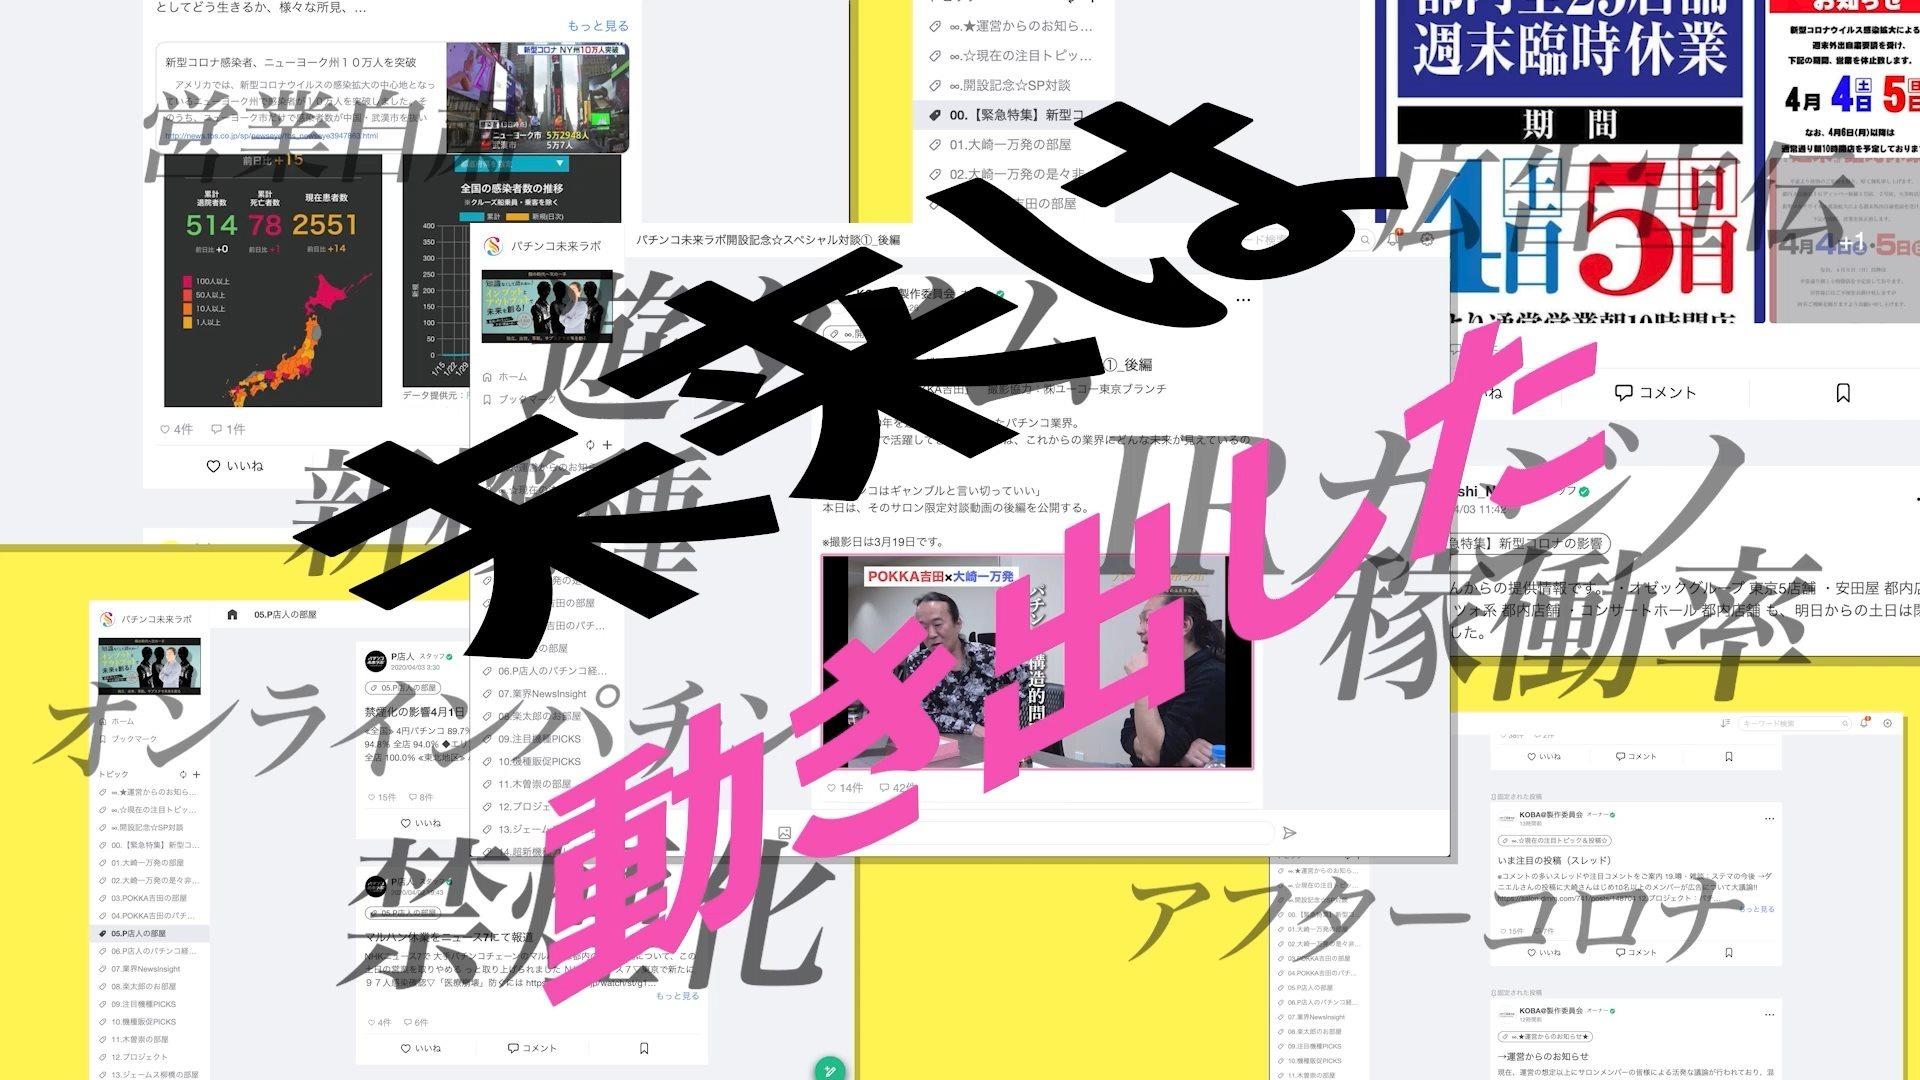 【パチンコ未来ラボ】スペシャルゲスト 続々参画!!